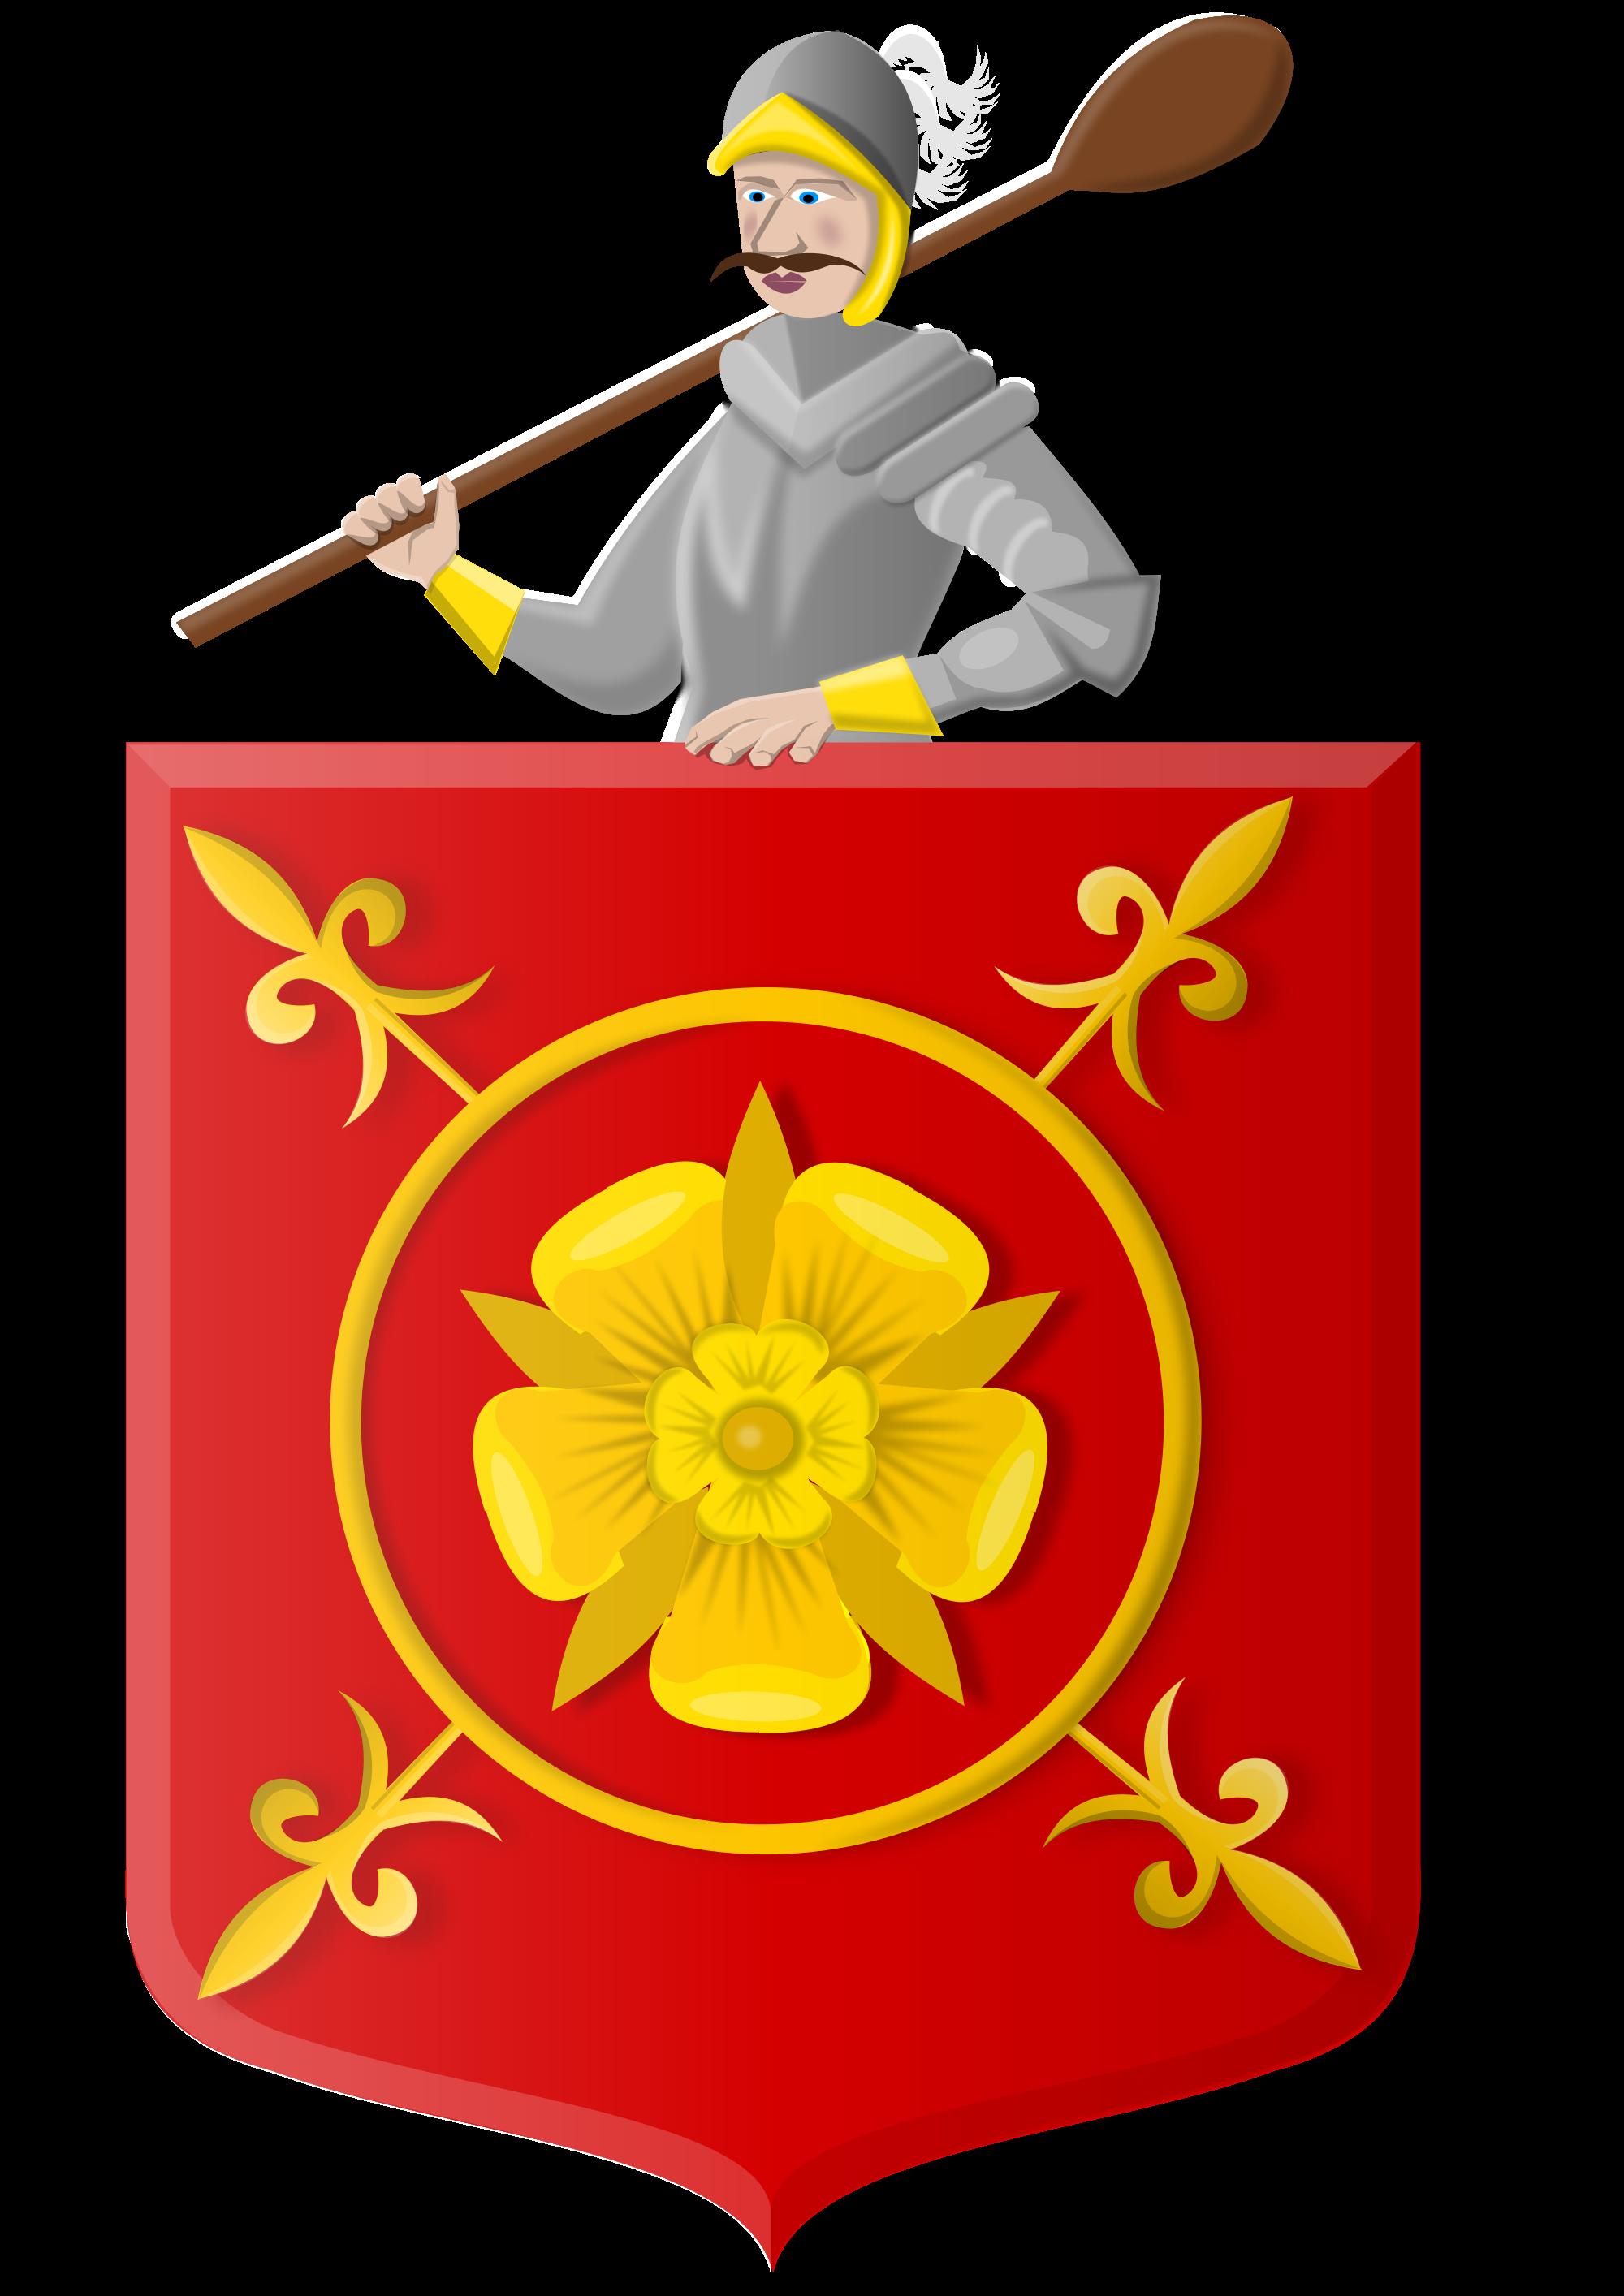 File:Coat of arms of Schagen (1816.